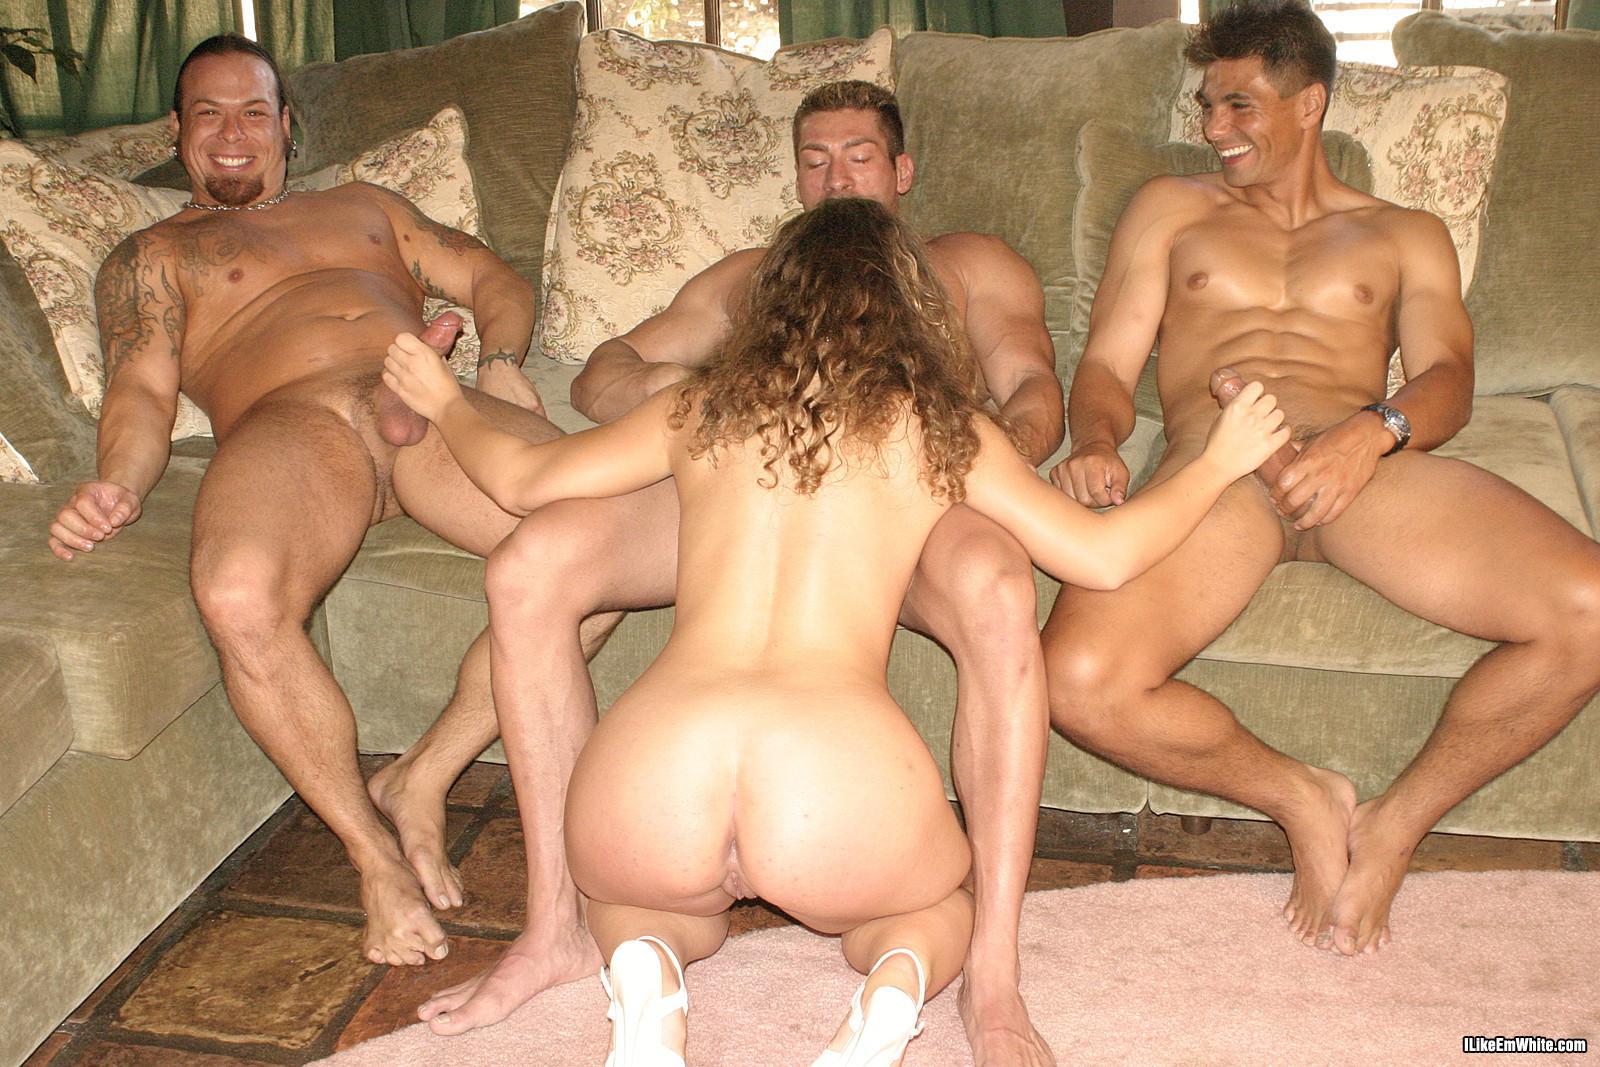 Толпа мужиков по очереди кончают в одну сперма из дырок 14 фотография